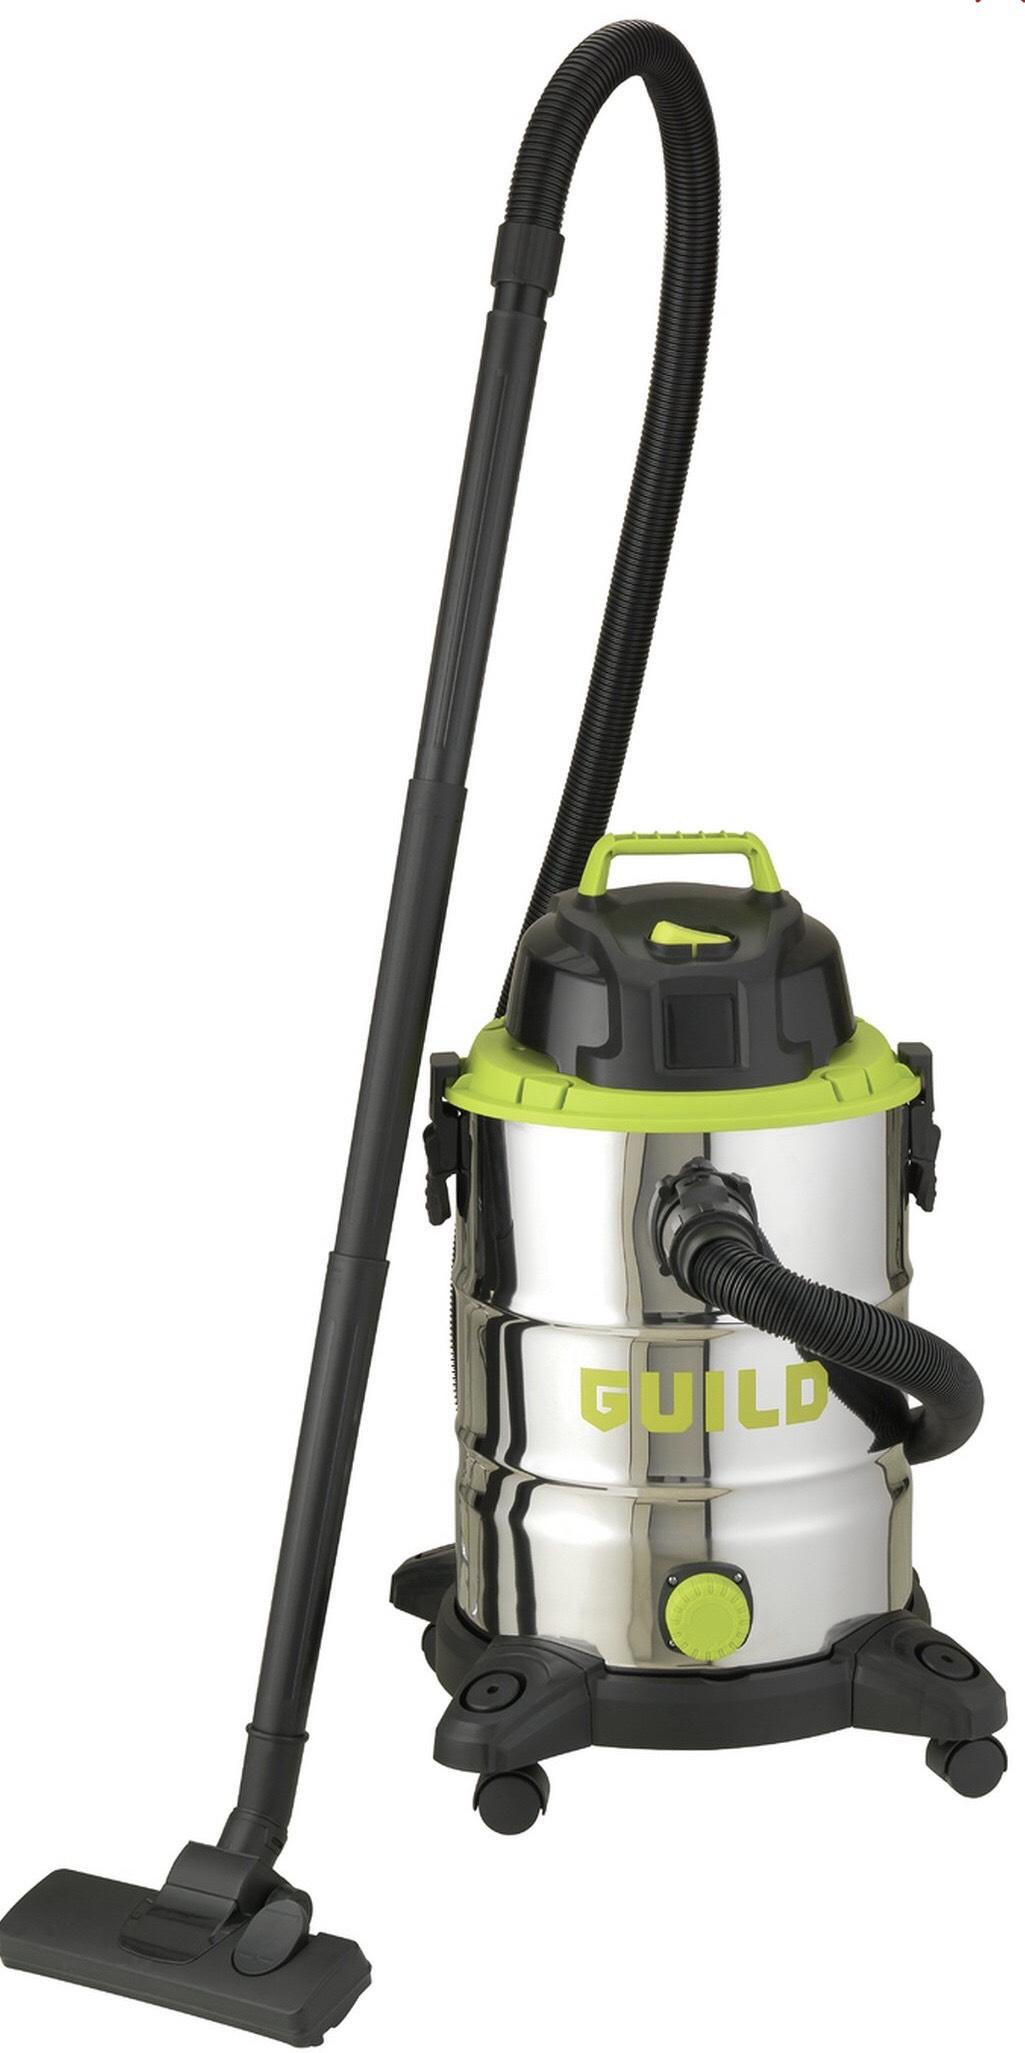 Guild 30L Steel Drum Wet and Dry Vacuum Cleaner - 1500W £44 @ Argos (Free C&C)